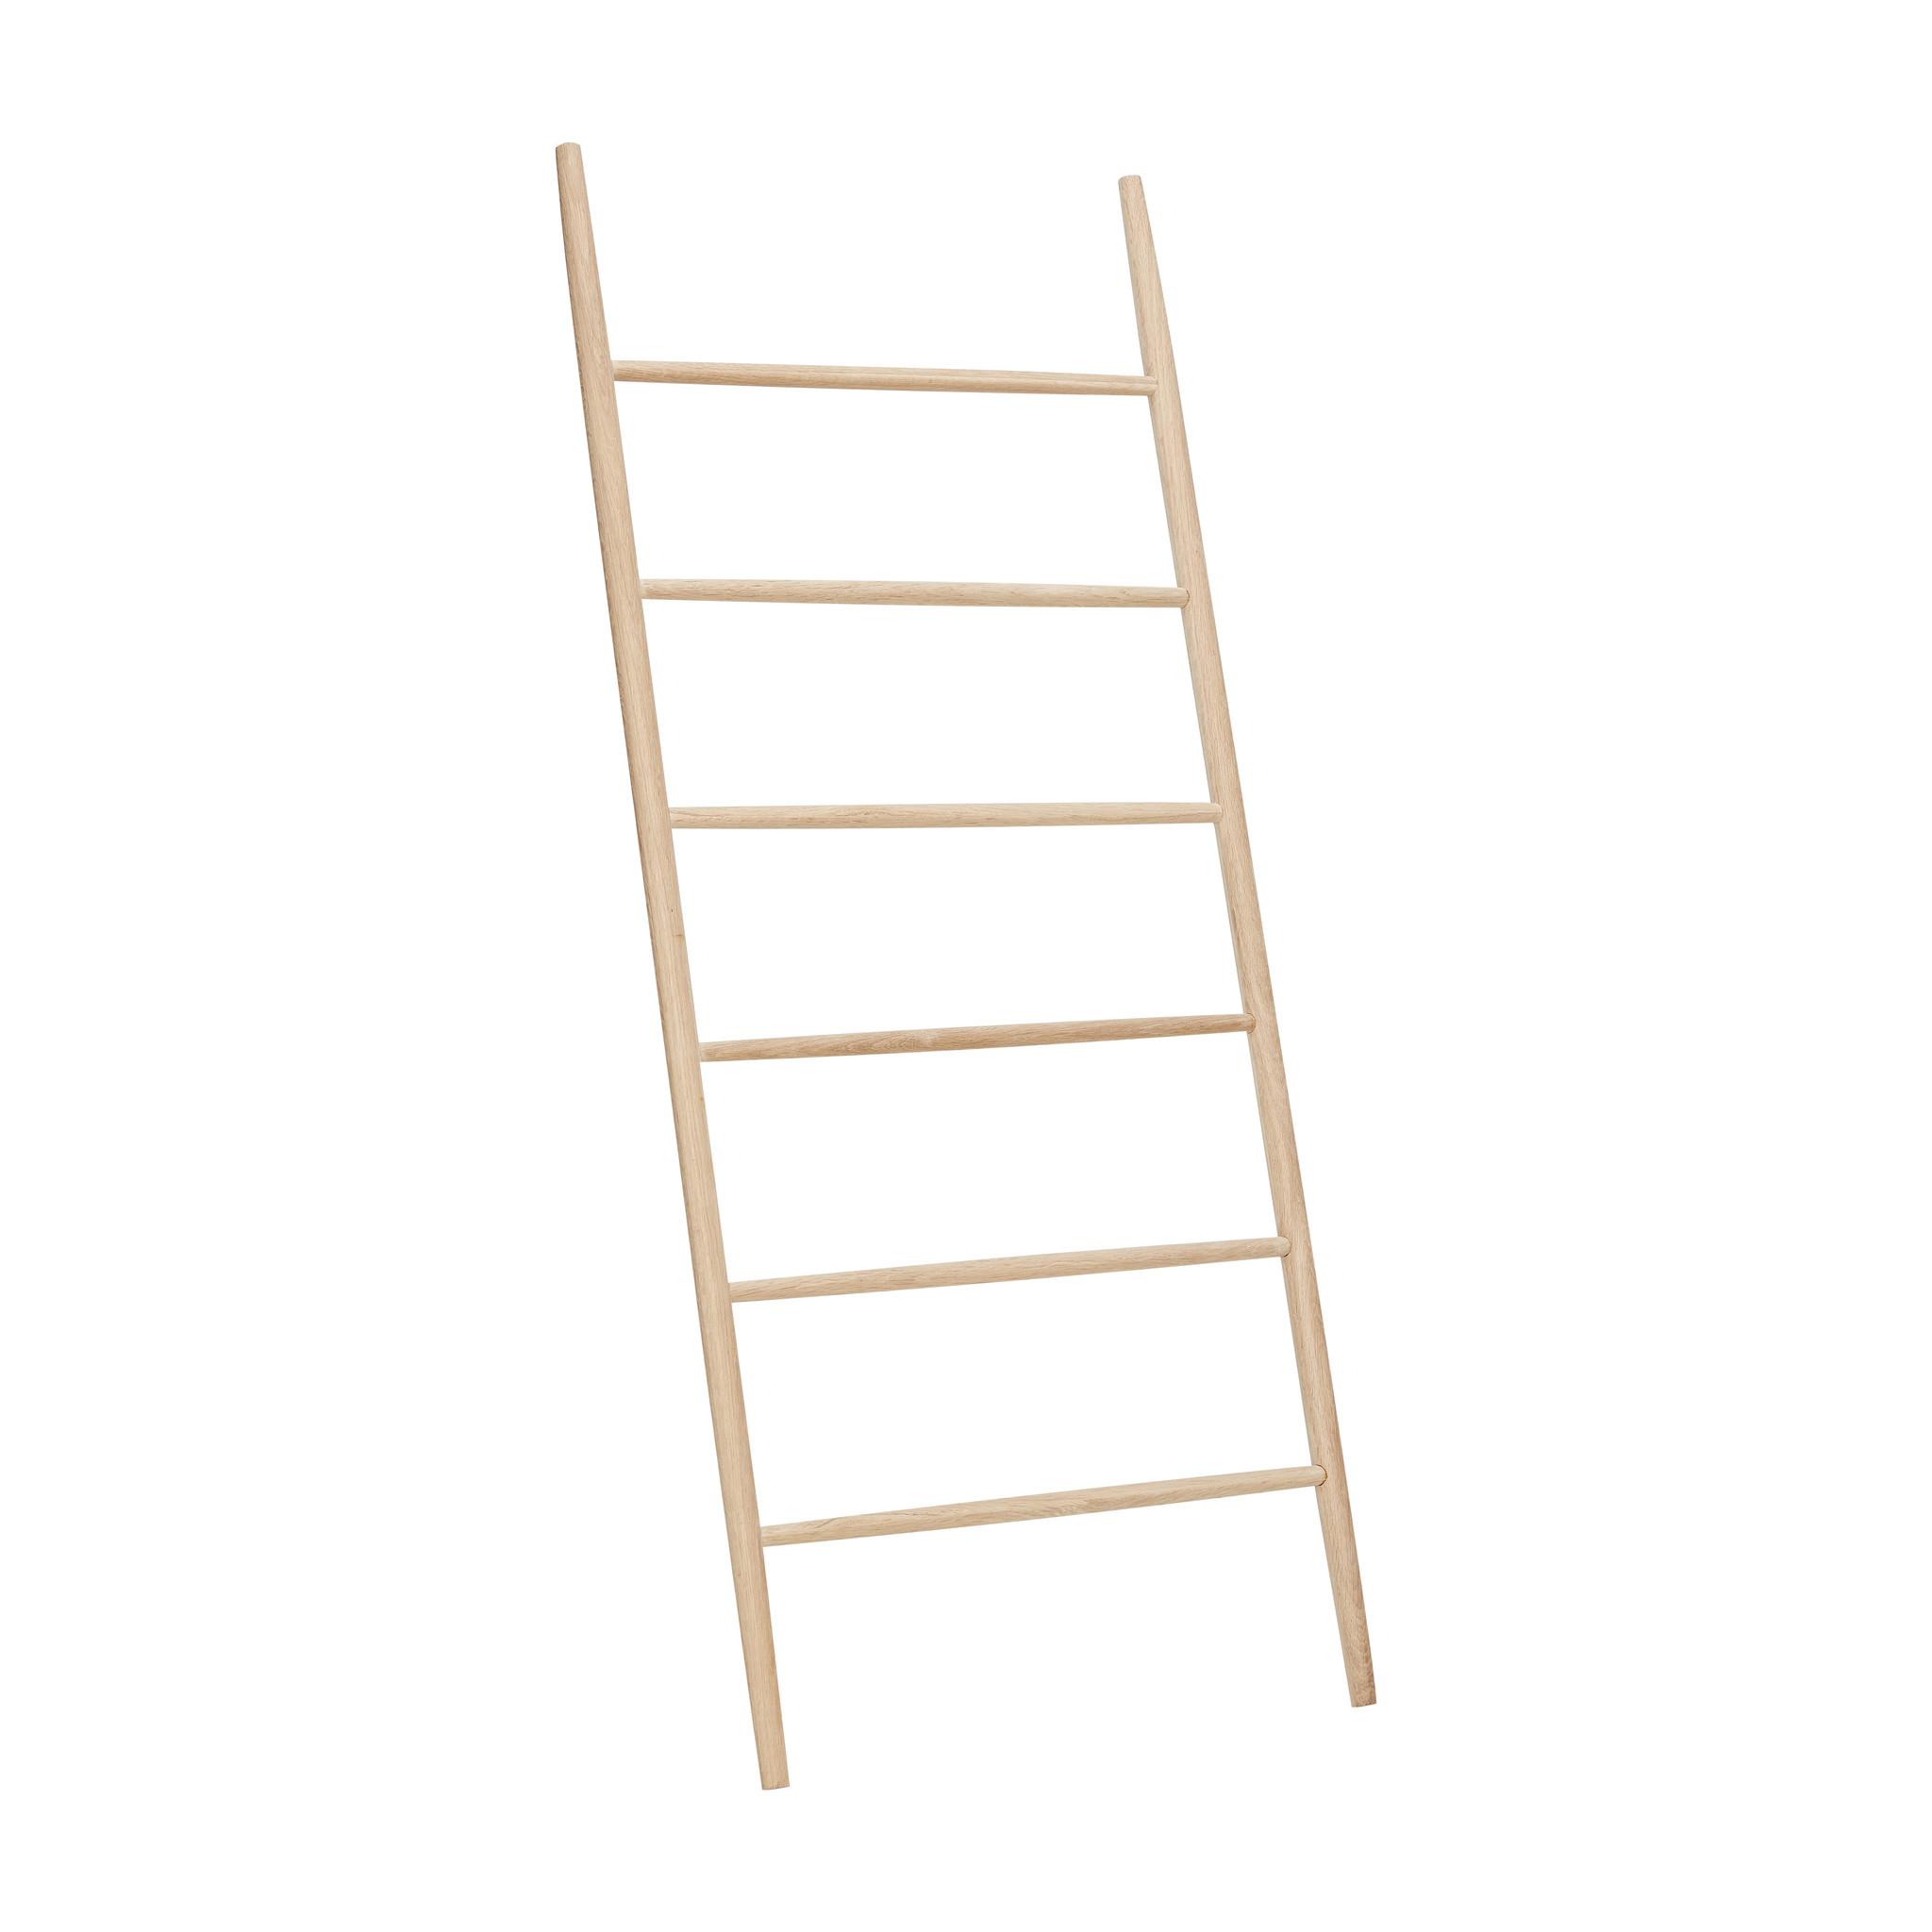 Hubsch Display ladder, eik, natuur-880314-5712772055557